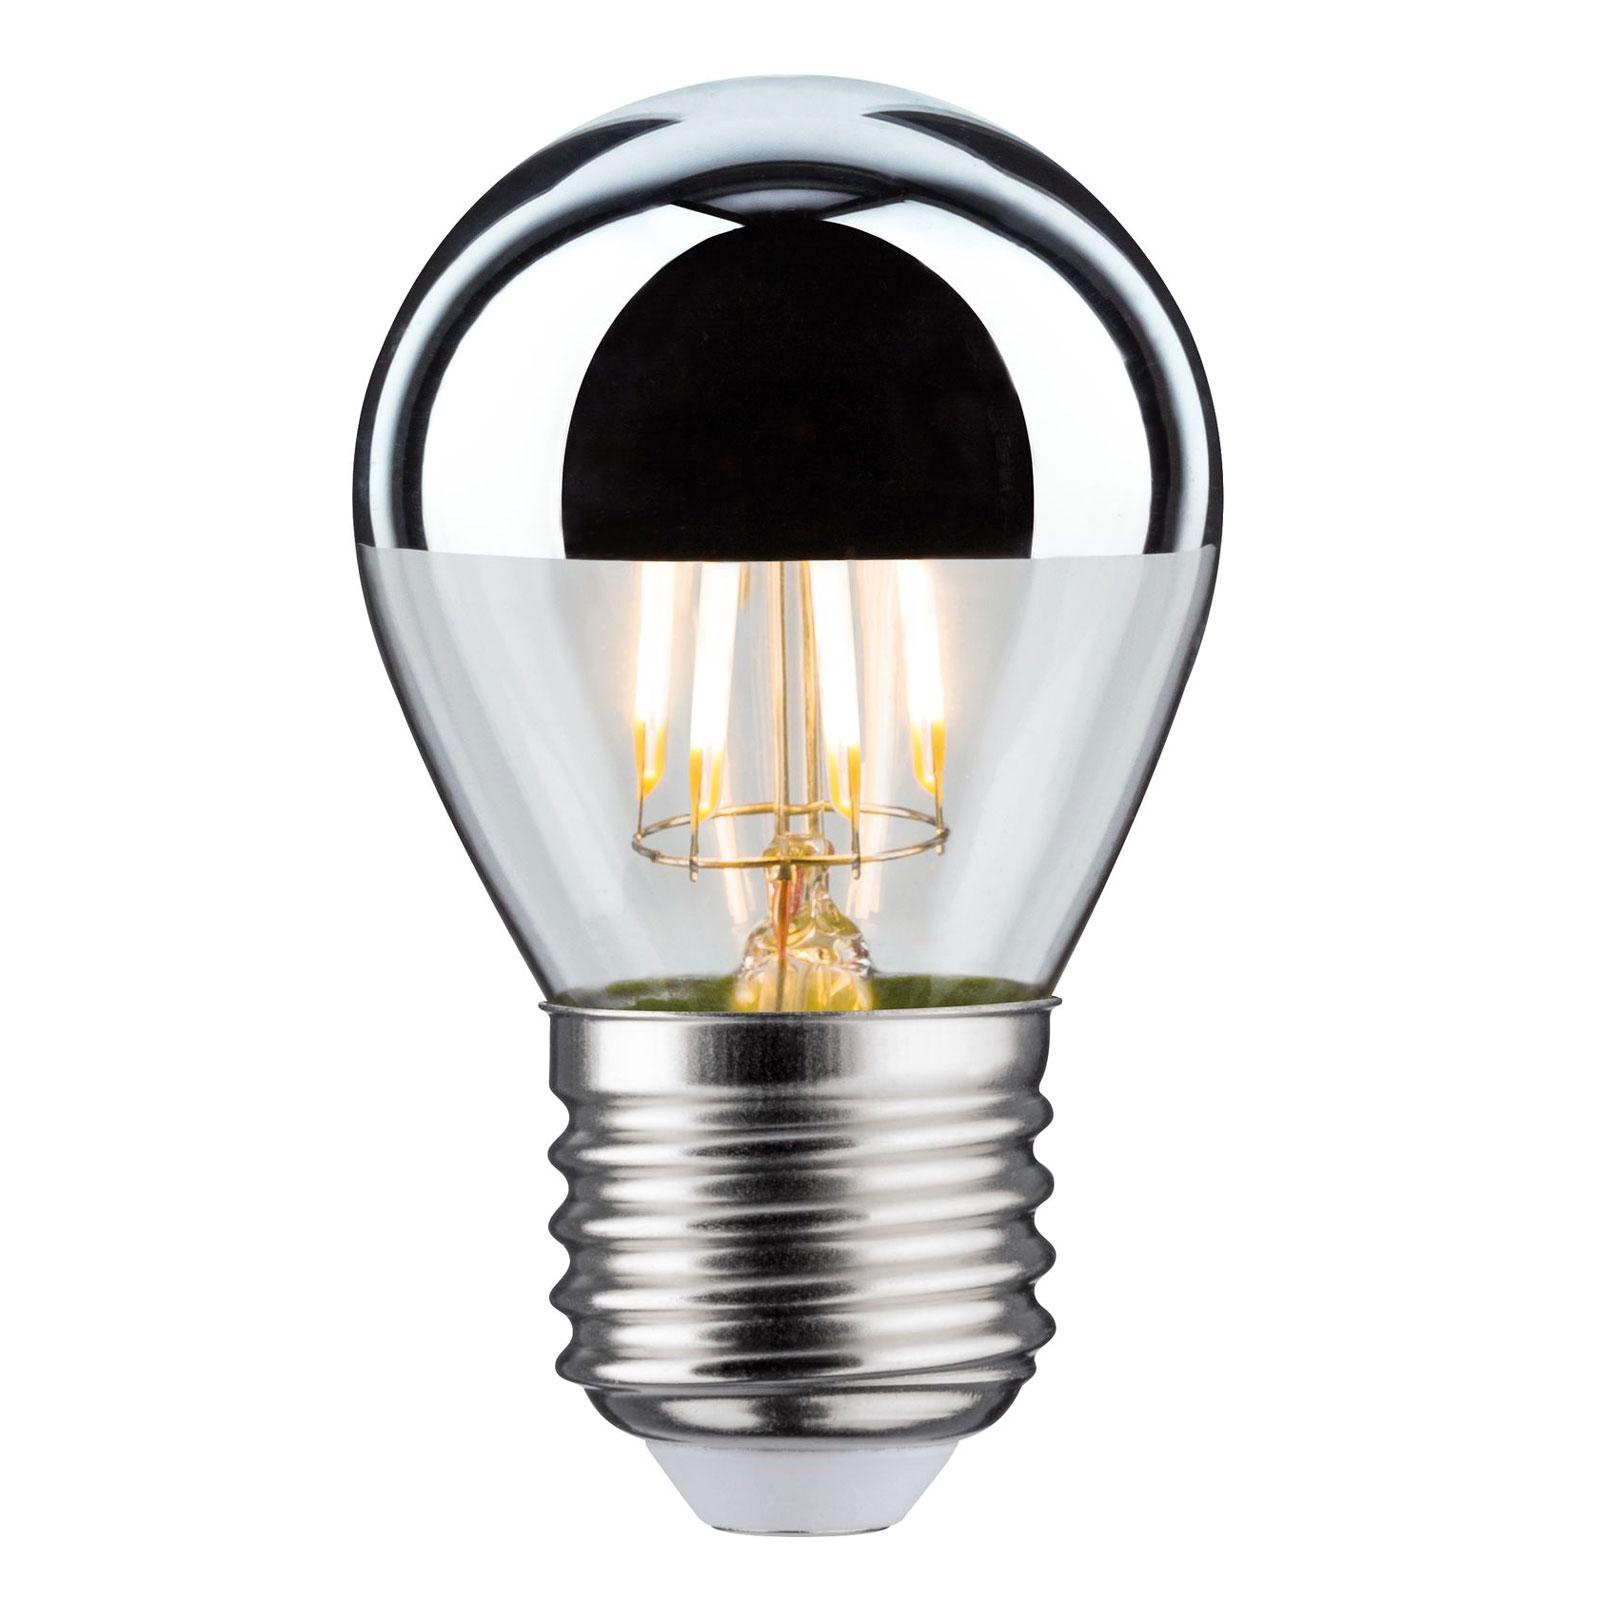 Żarówka LED E27 kropla 827 lustrzana 4,8W